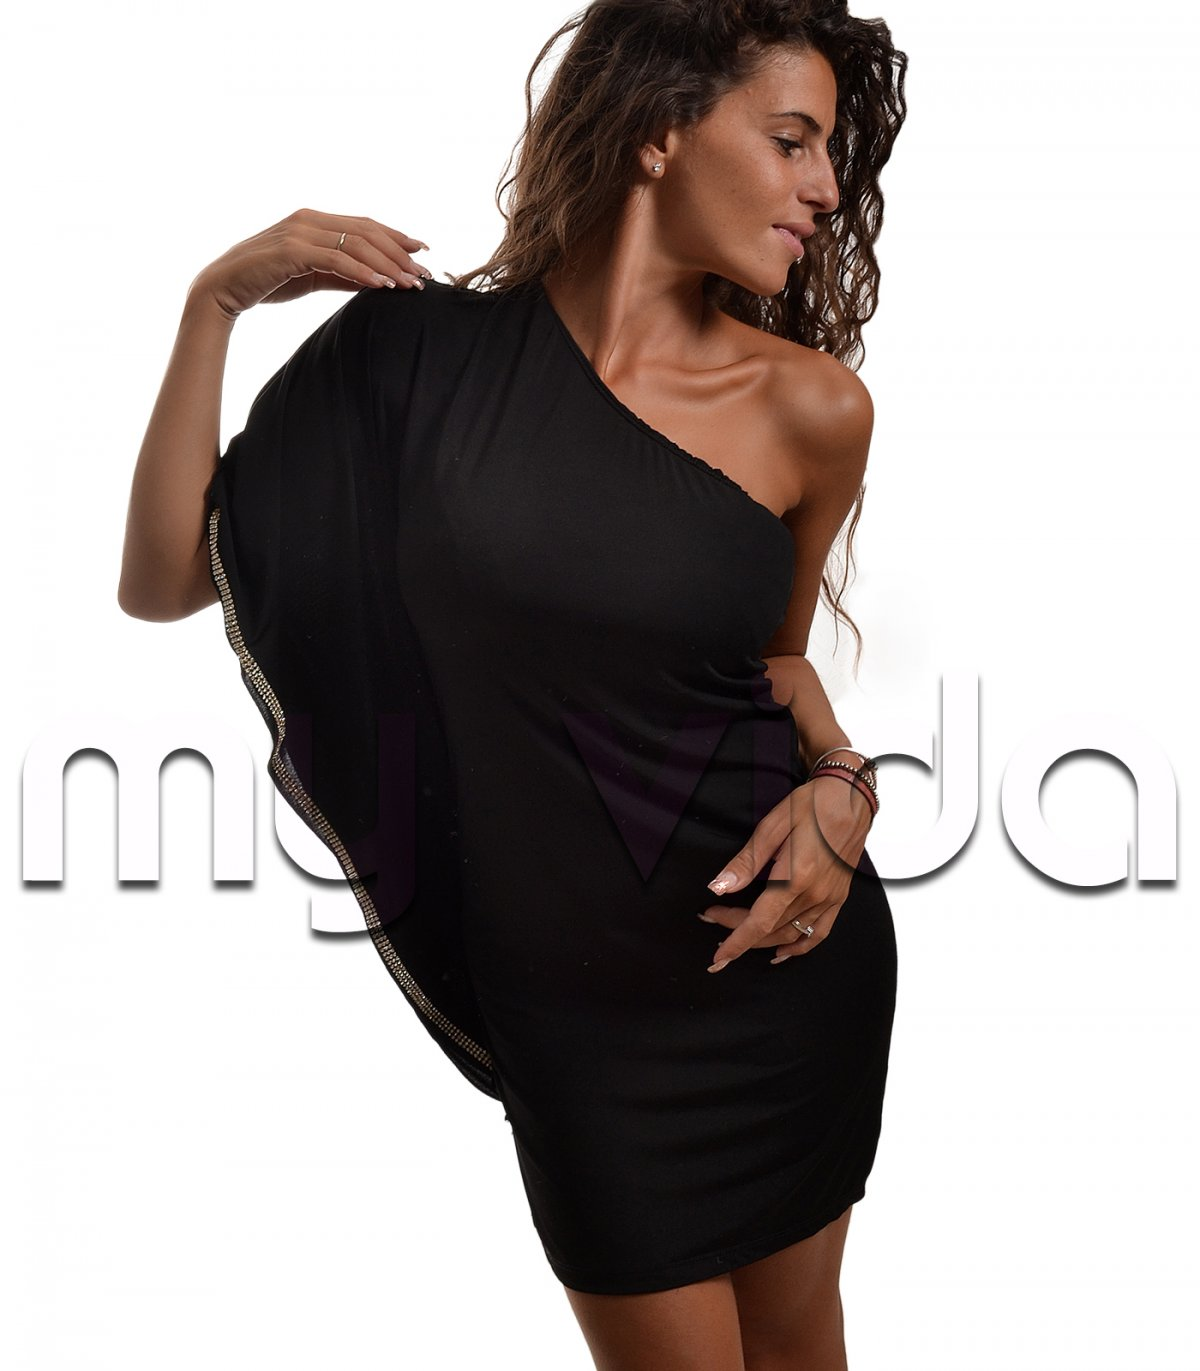 new arrival f90d4 47ab0 Abito monospalla donna corto elegante strass | My Vida